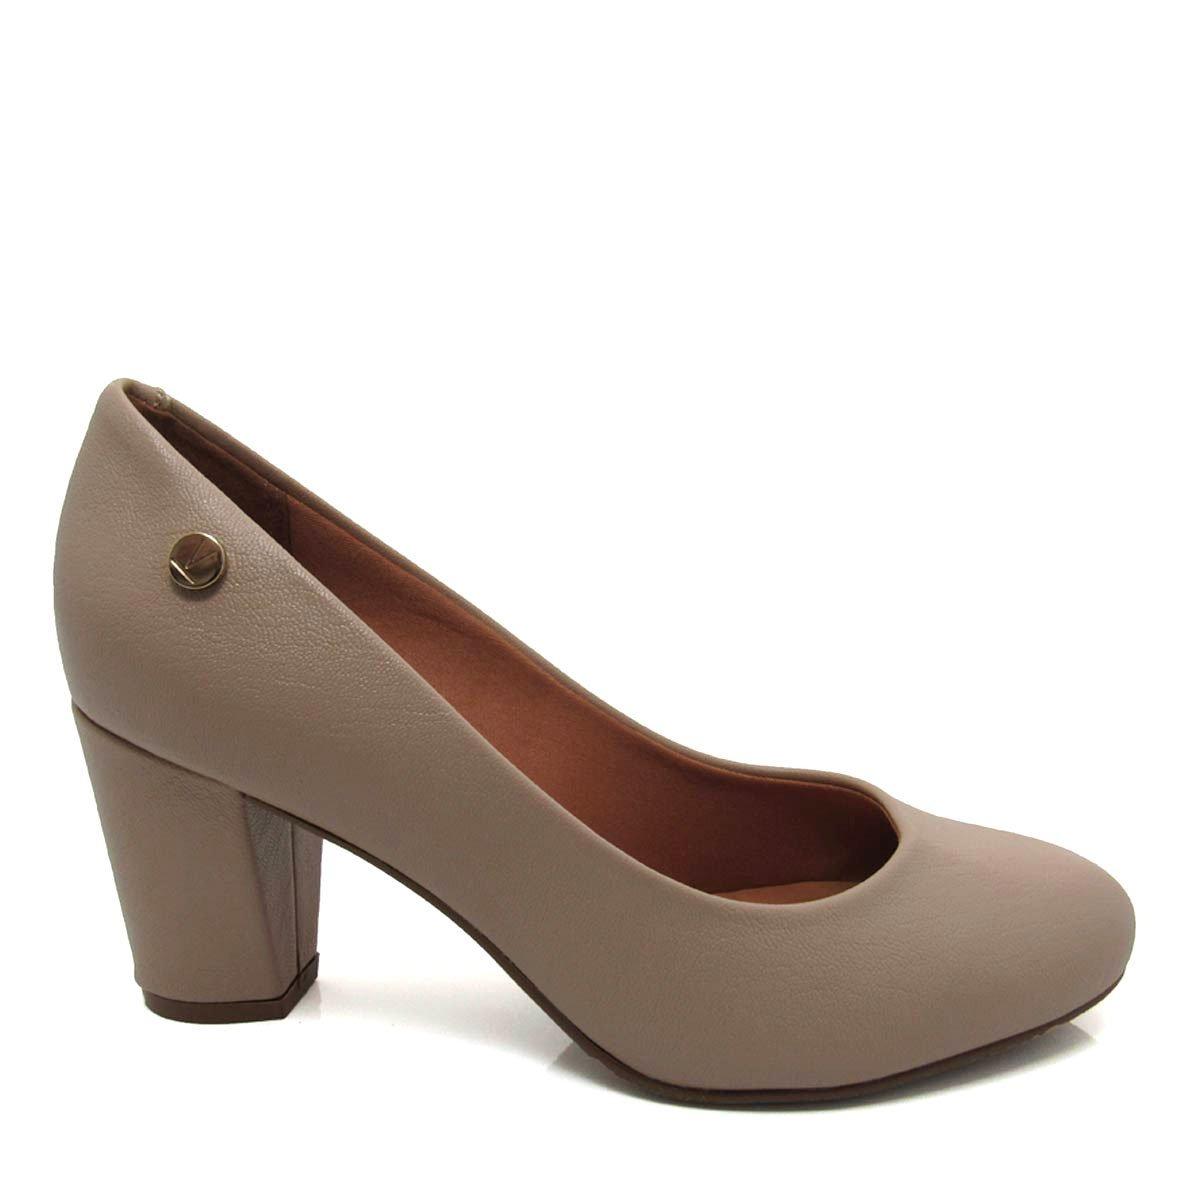 c87198a727 sapato salto grosso feminino scarpin vizzano 1259100 nude. Carregando zoom.